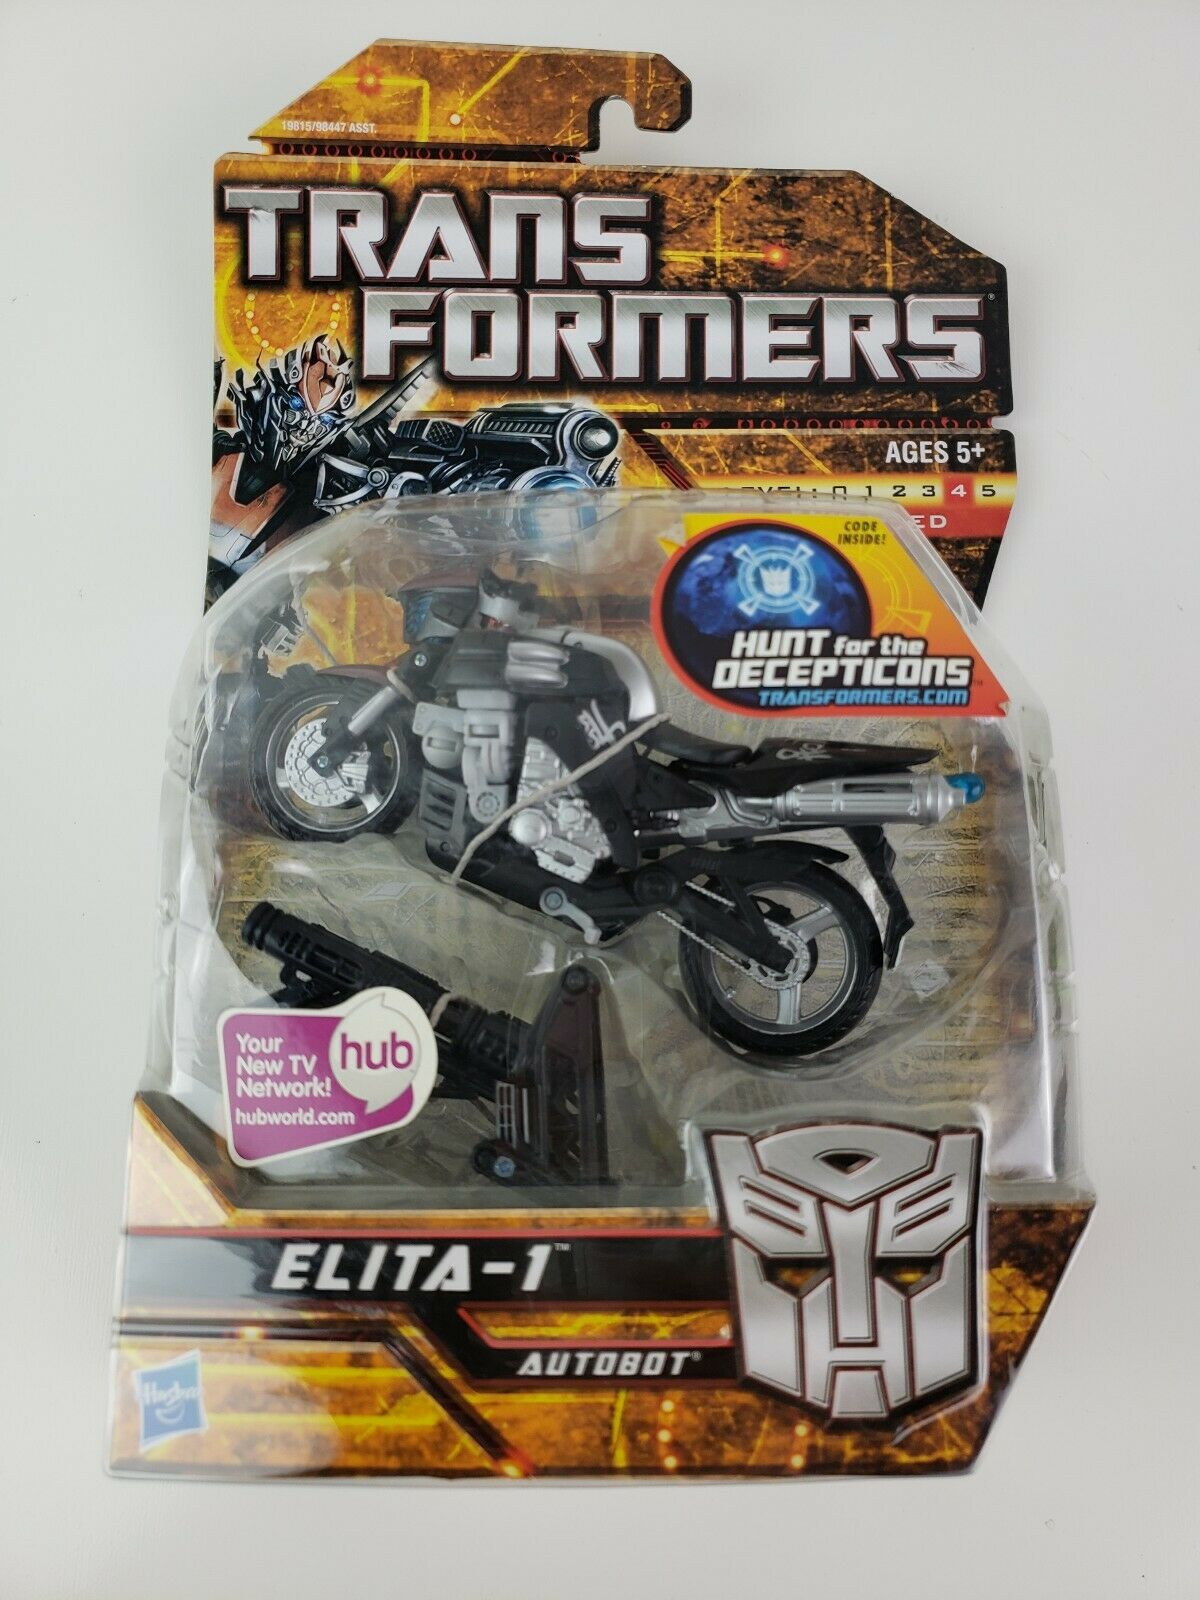 Hasbro Transformers Movie Deluxe classe Autobot Elita-1 azione cifra LEVEL 4 nuovo